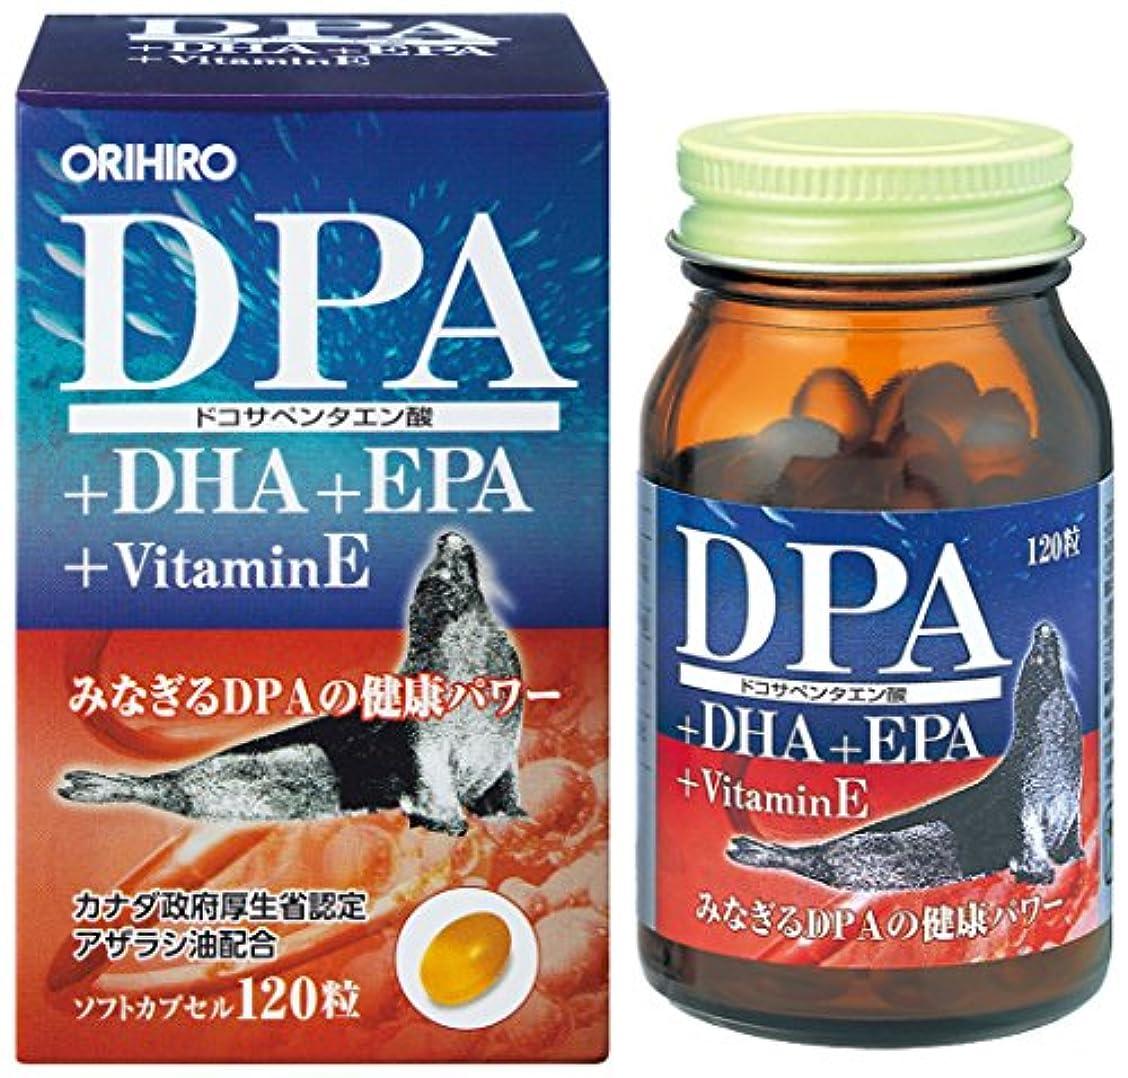 熱望する戦いミネラルオリヒロ DPA+DHA+EPA+VitaminE 120粒